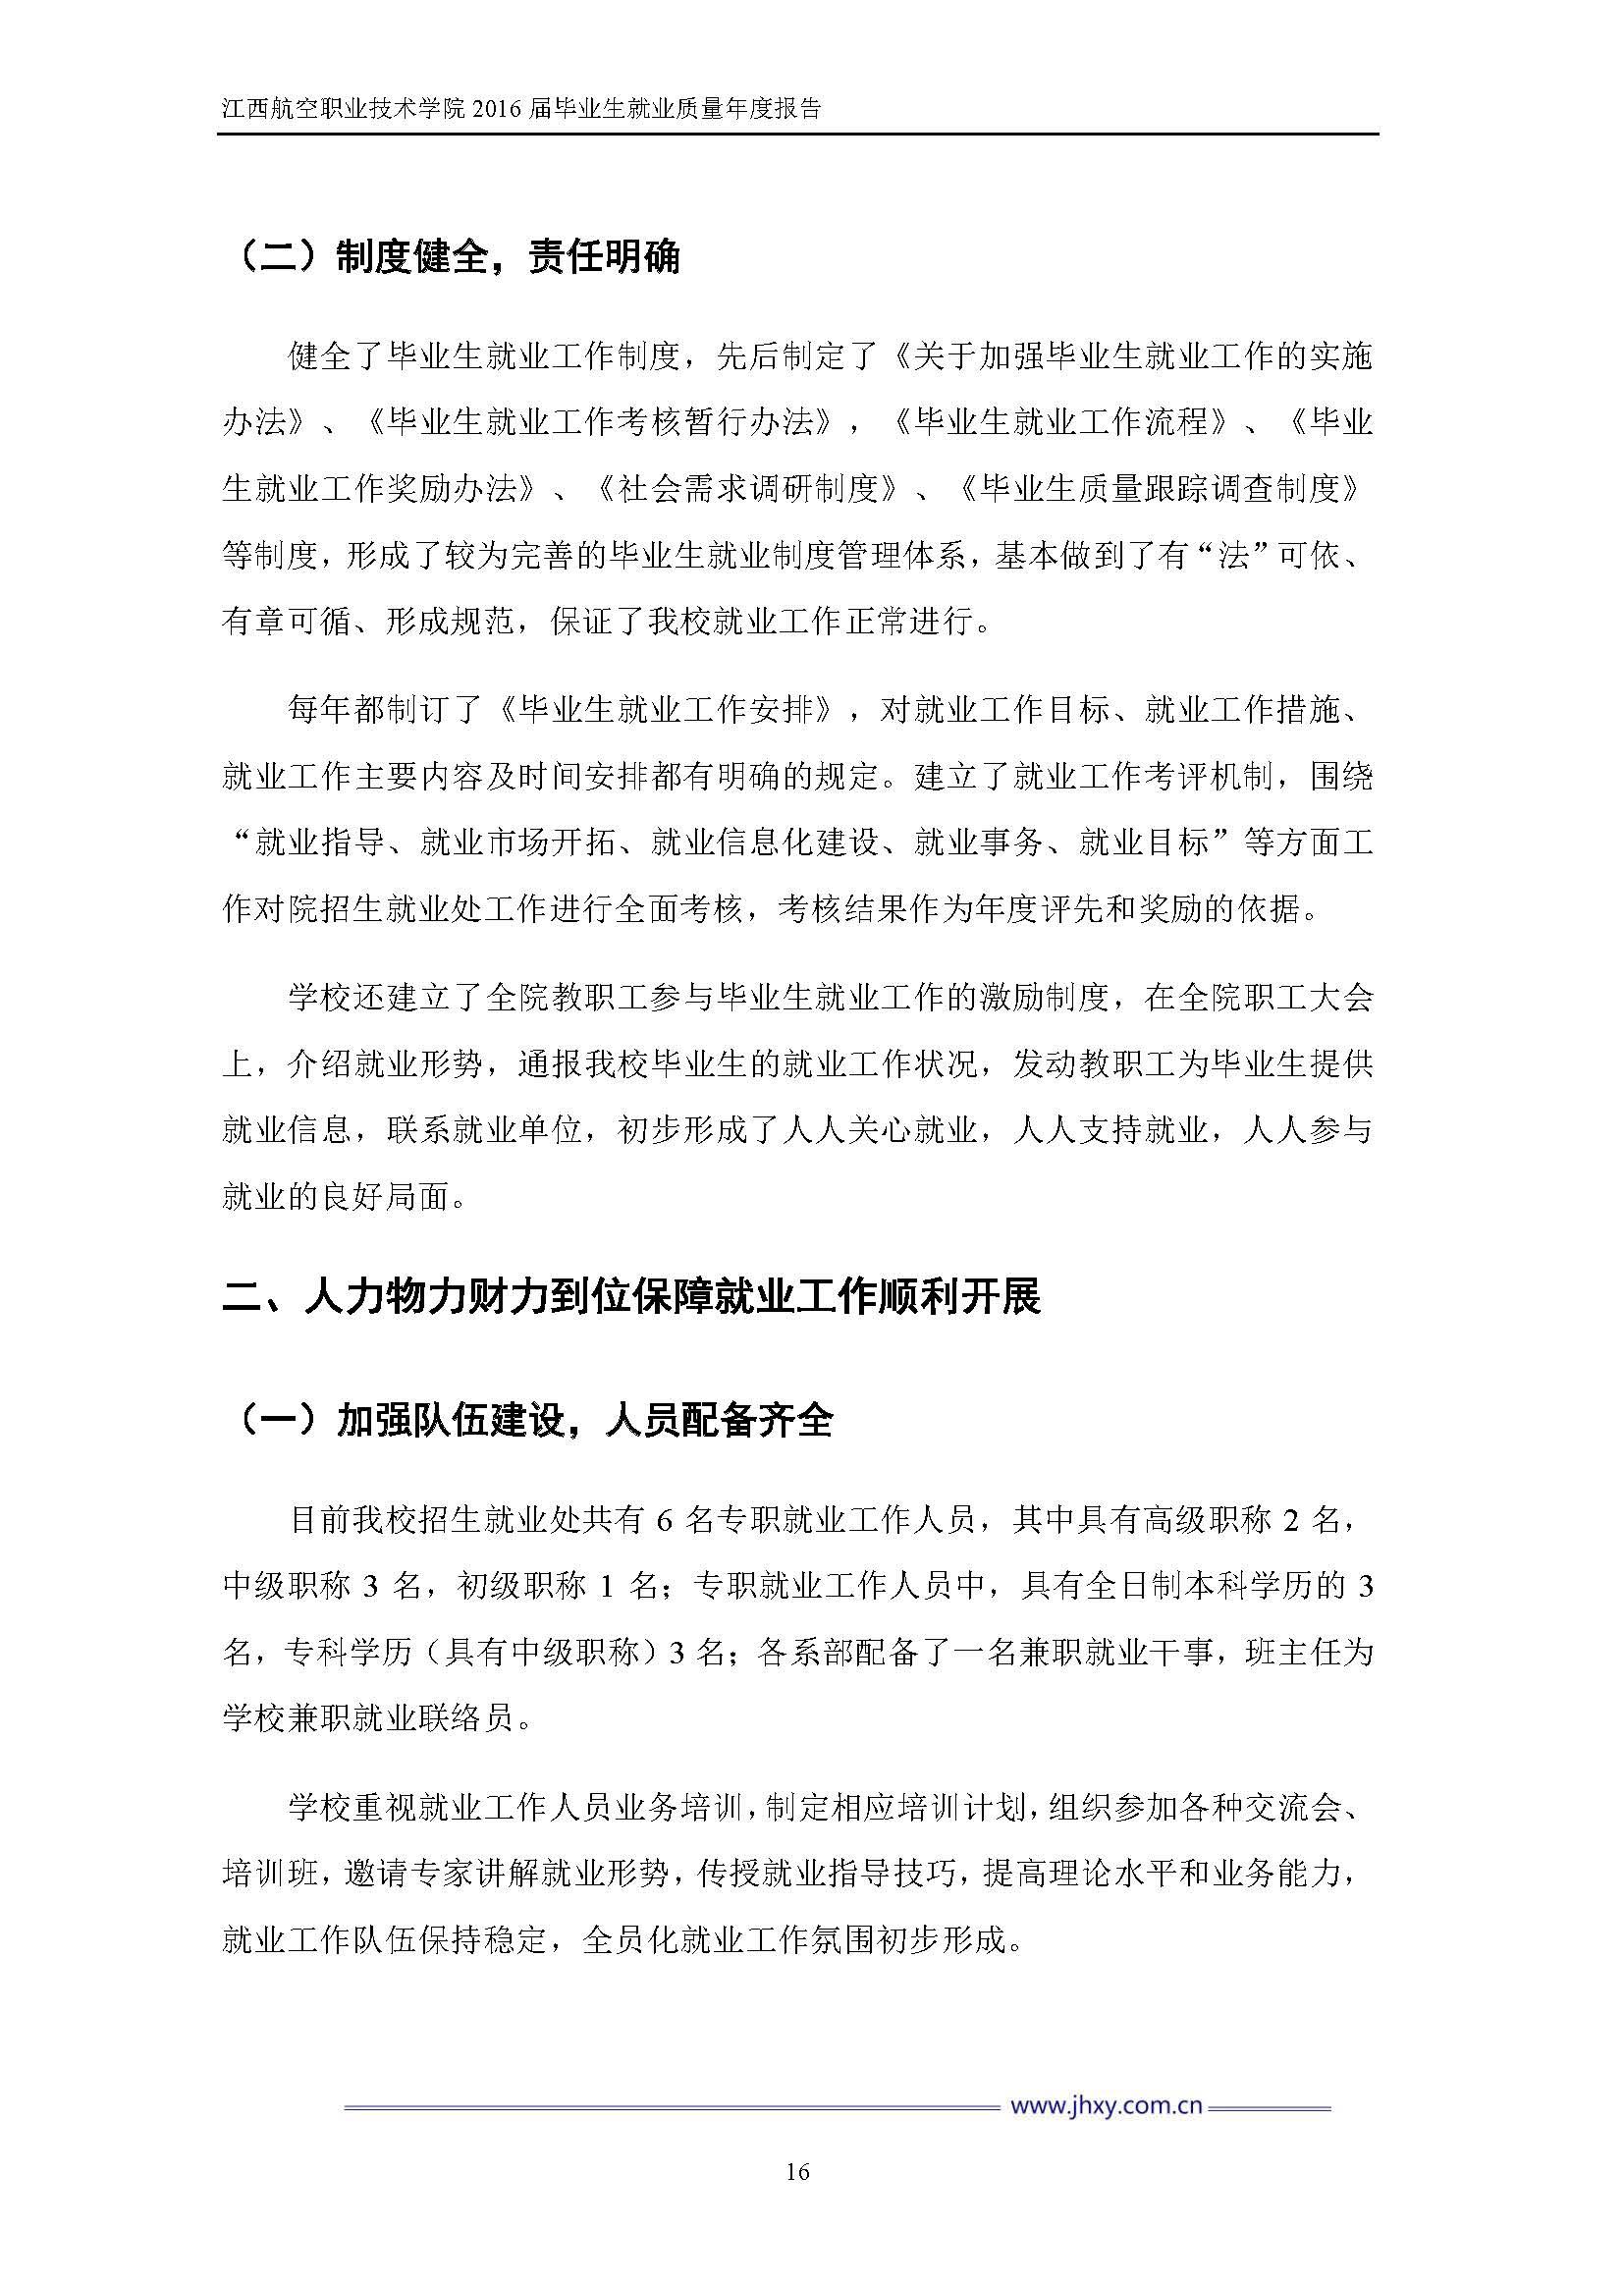 江西航空职业技术学院2016届毕业生就业质量年度报告_Page_23.jpg